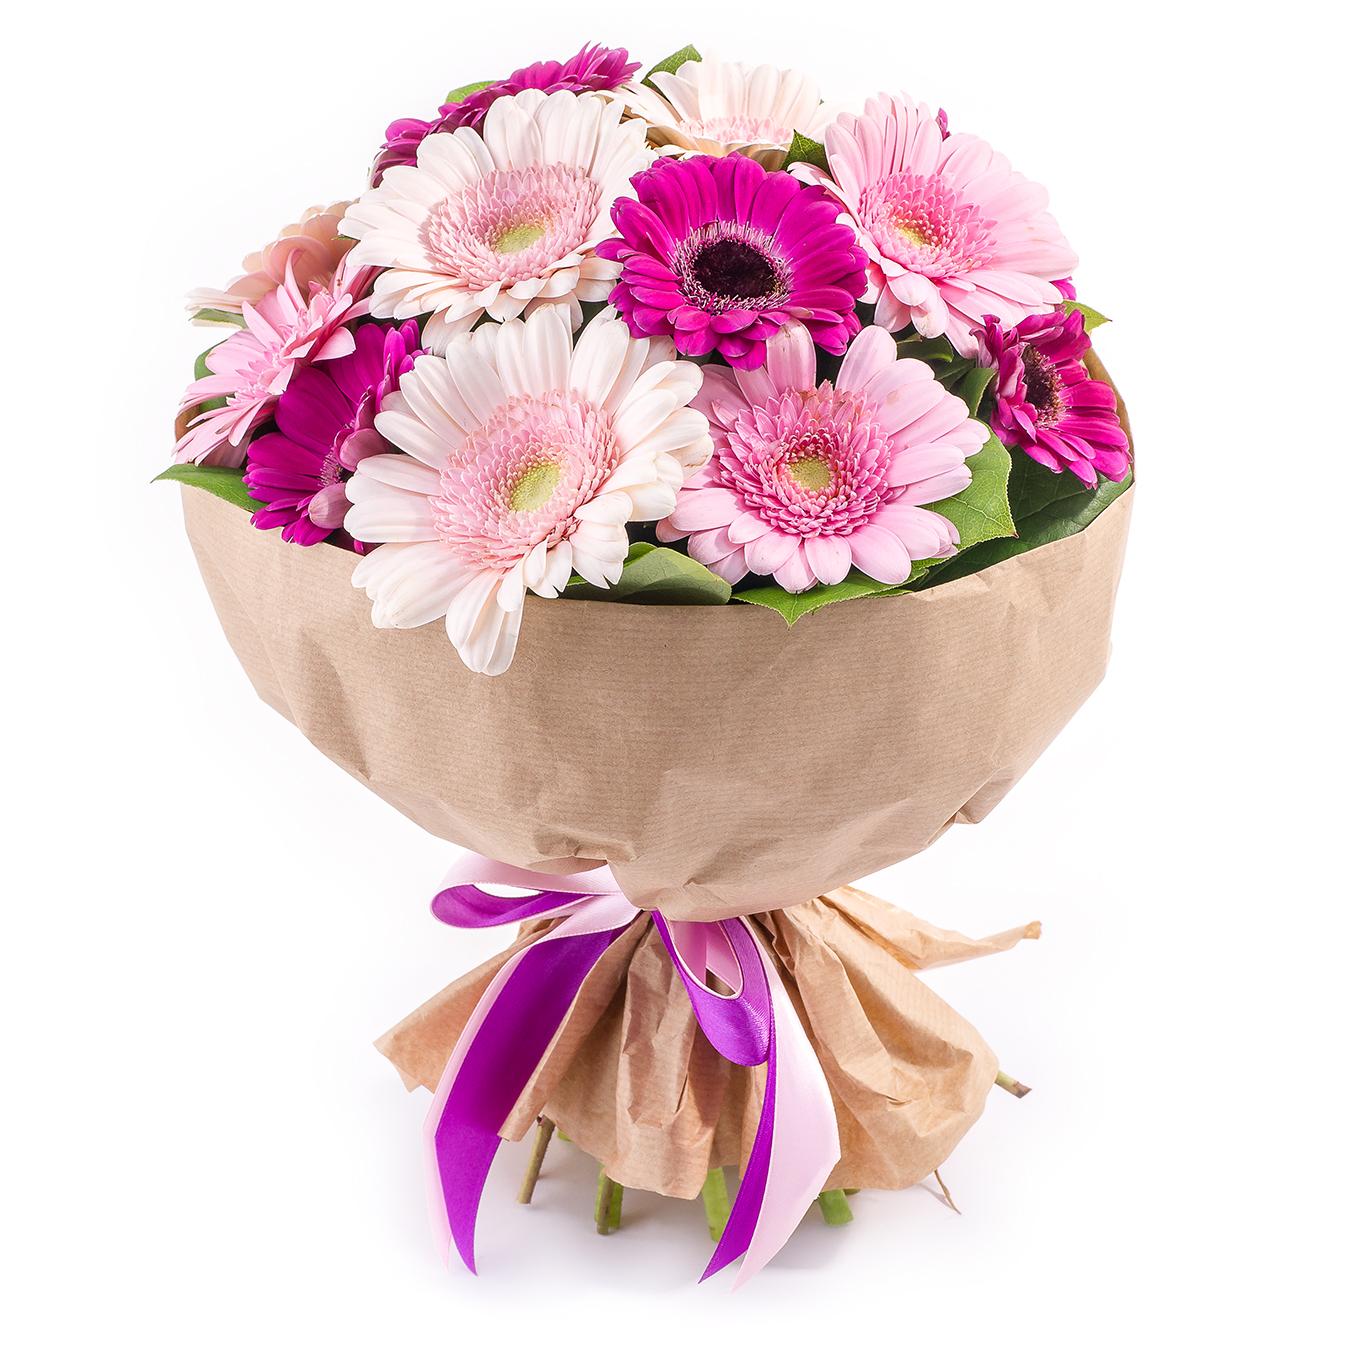 Авторский букет цветов Малинка<br>Ингредиенты: Гербера мини 11 шт, Салал, Крафт 1 шт;